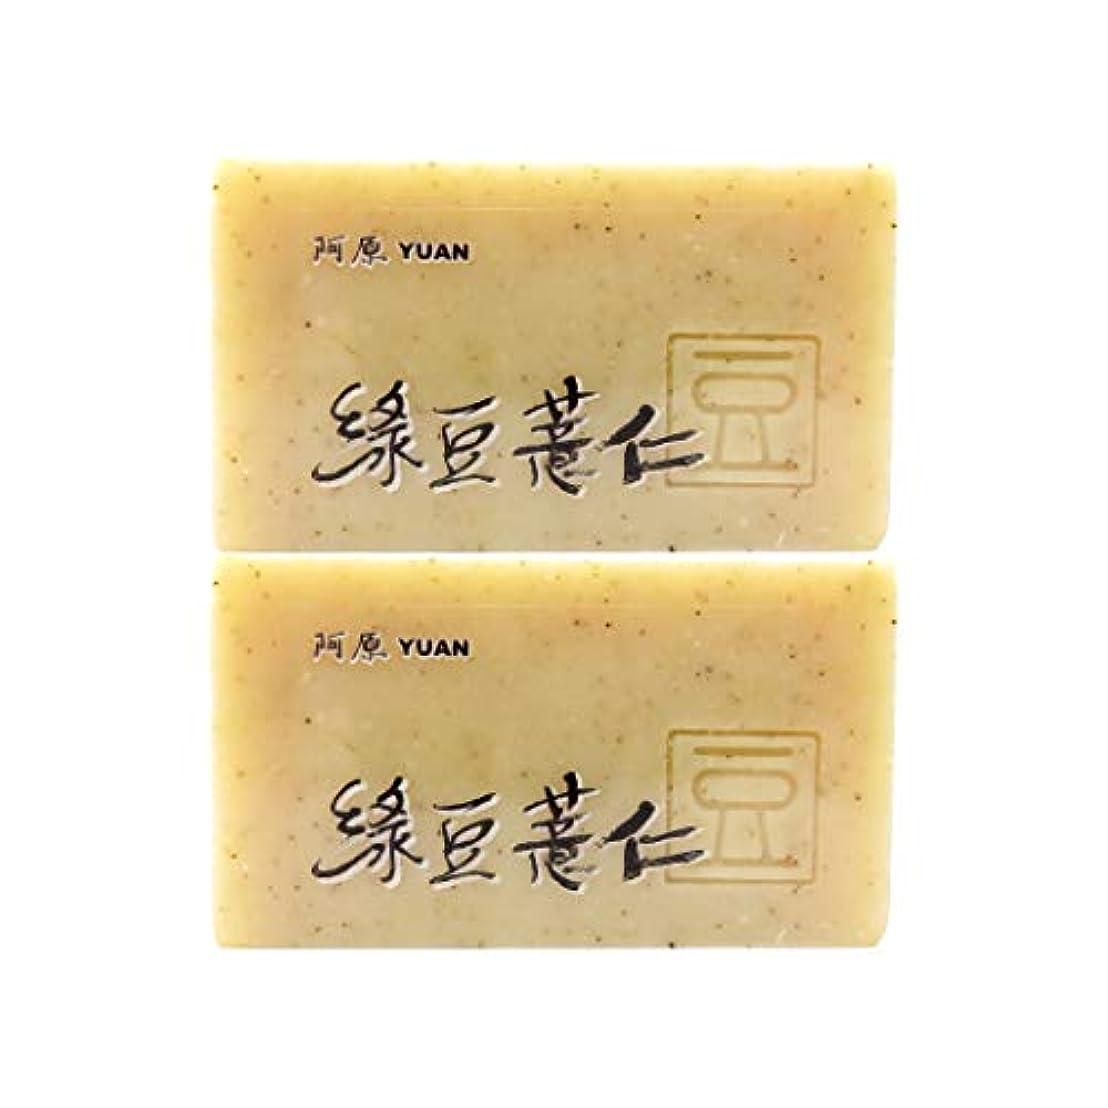 影ただ親ユアン(YUAN) ハトムギ+リョクトウソープ 100g (2個セット)